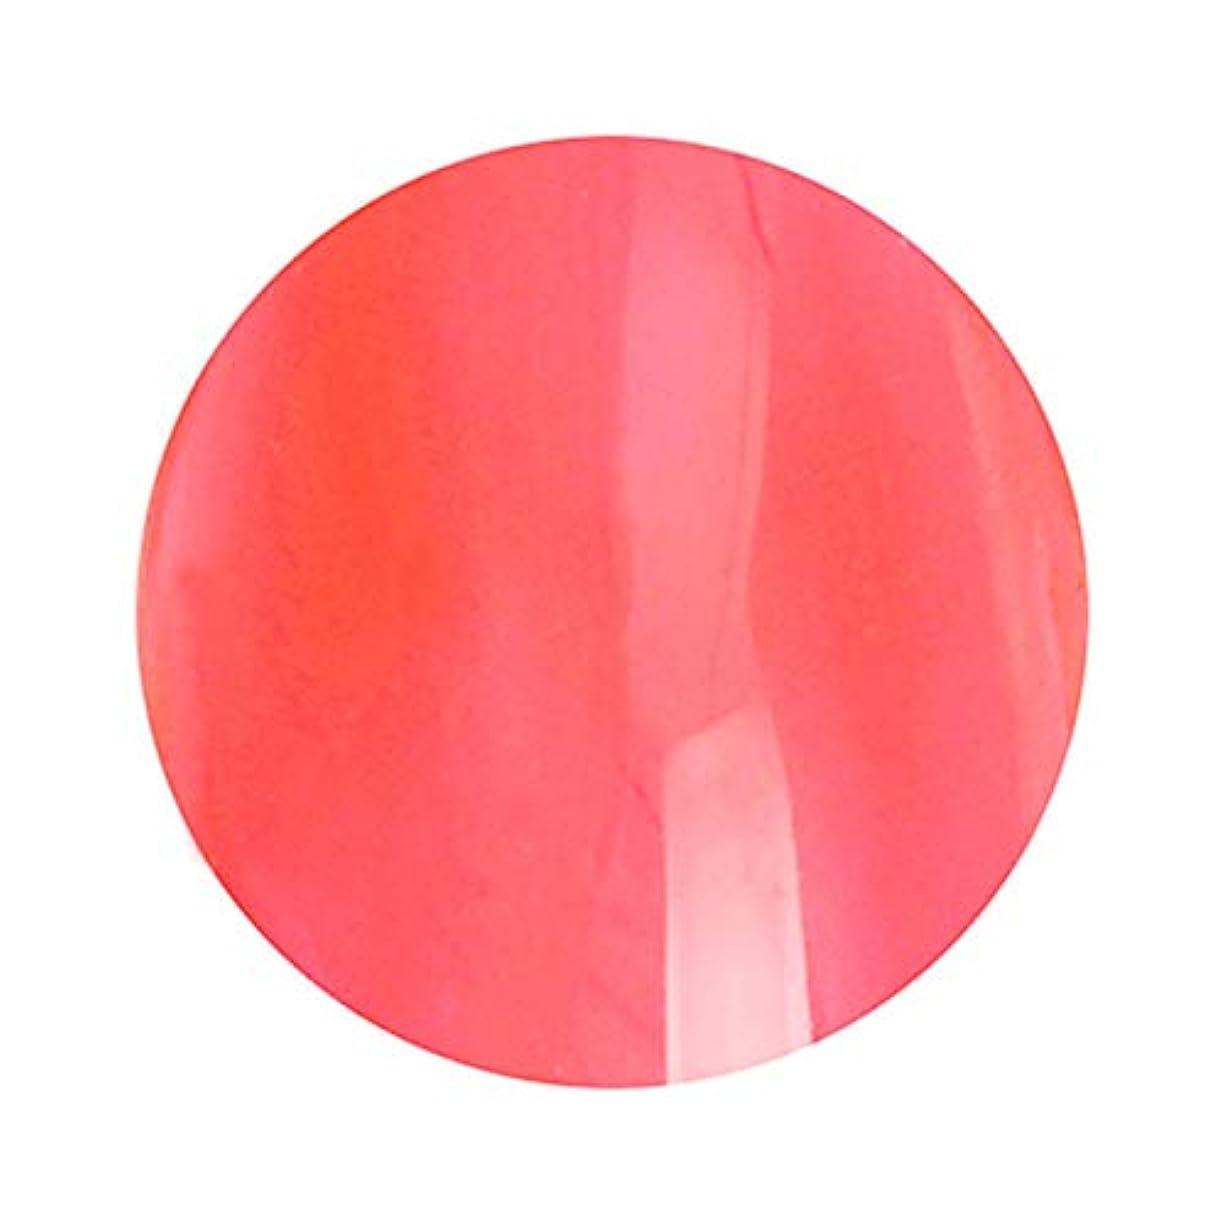 放射能帽子レーダーT-GEL COLLECTION ティージェルコレクション カラージェル D237 クリアレッド 4ml